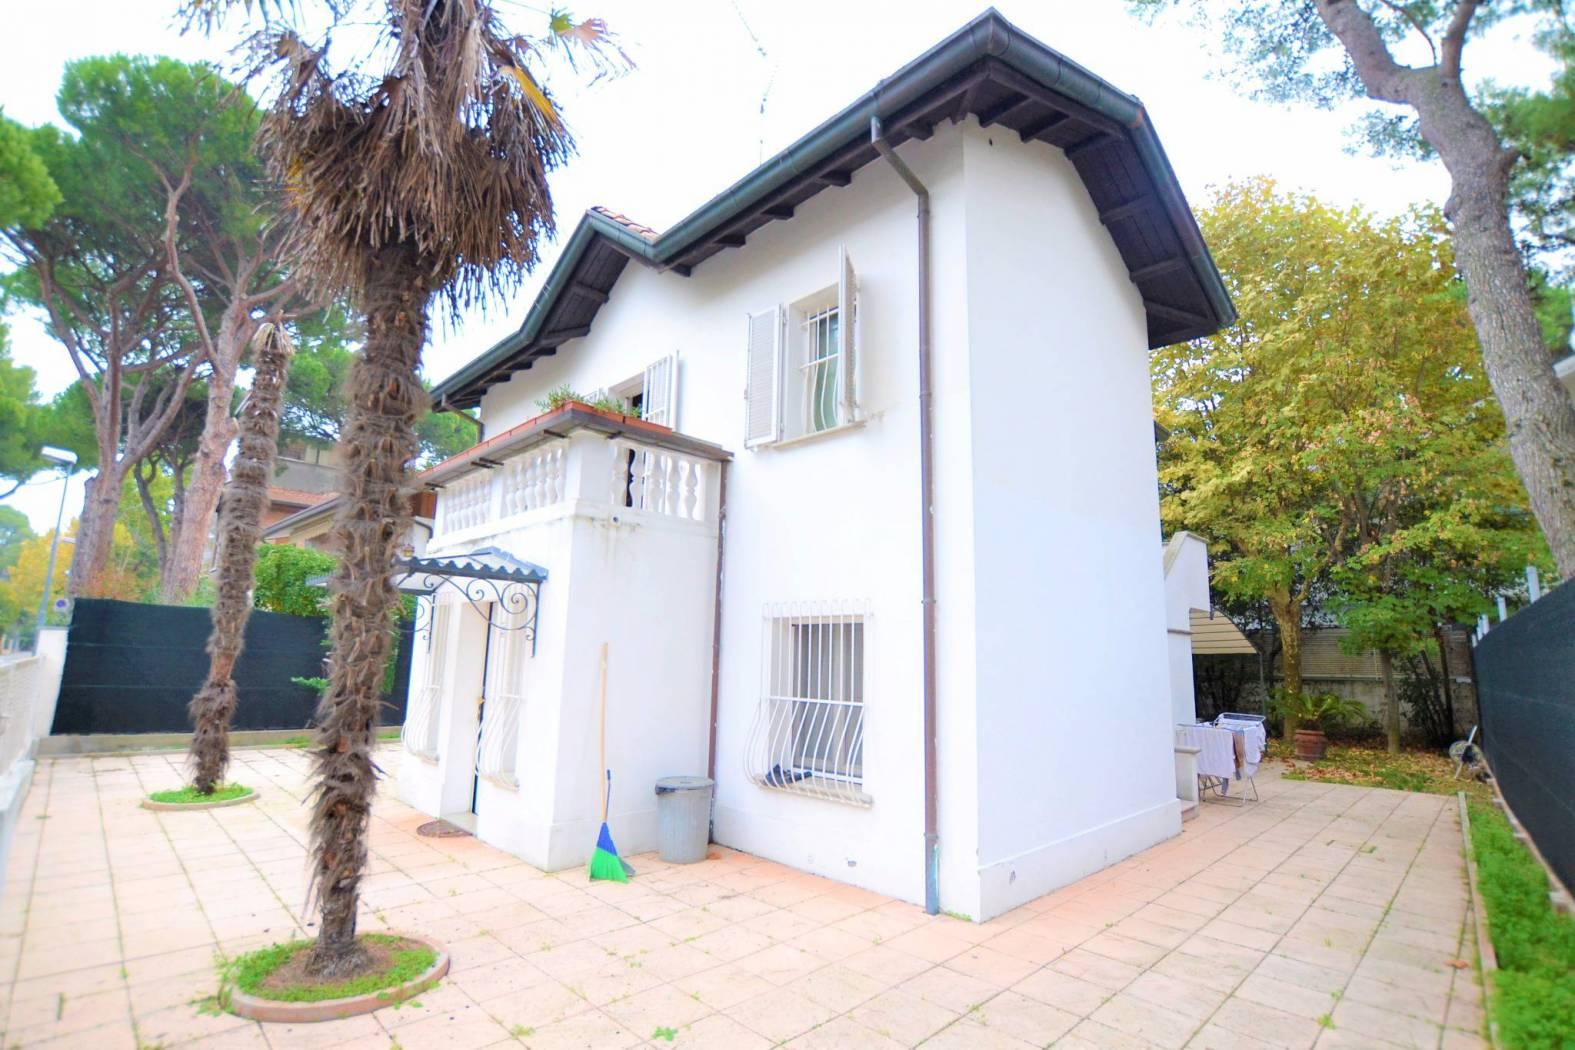 RICCIONE ABISSINIA, villa in affitto stagionale con giardino privato